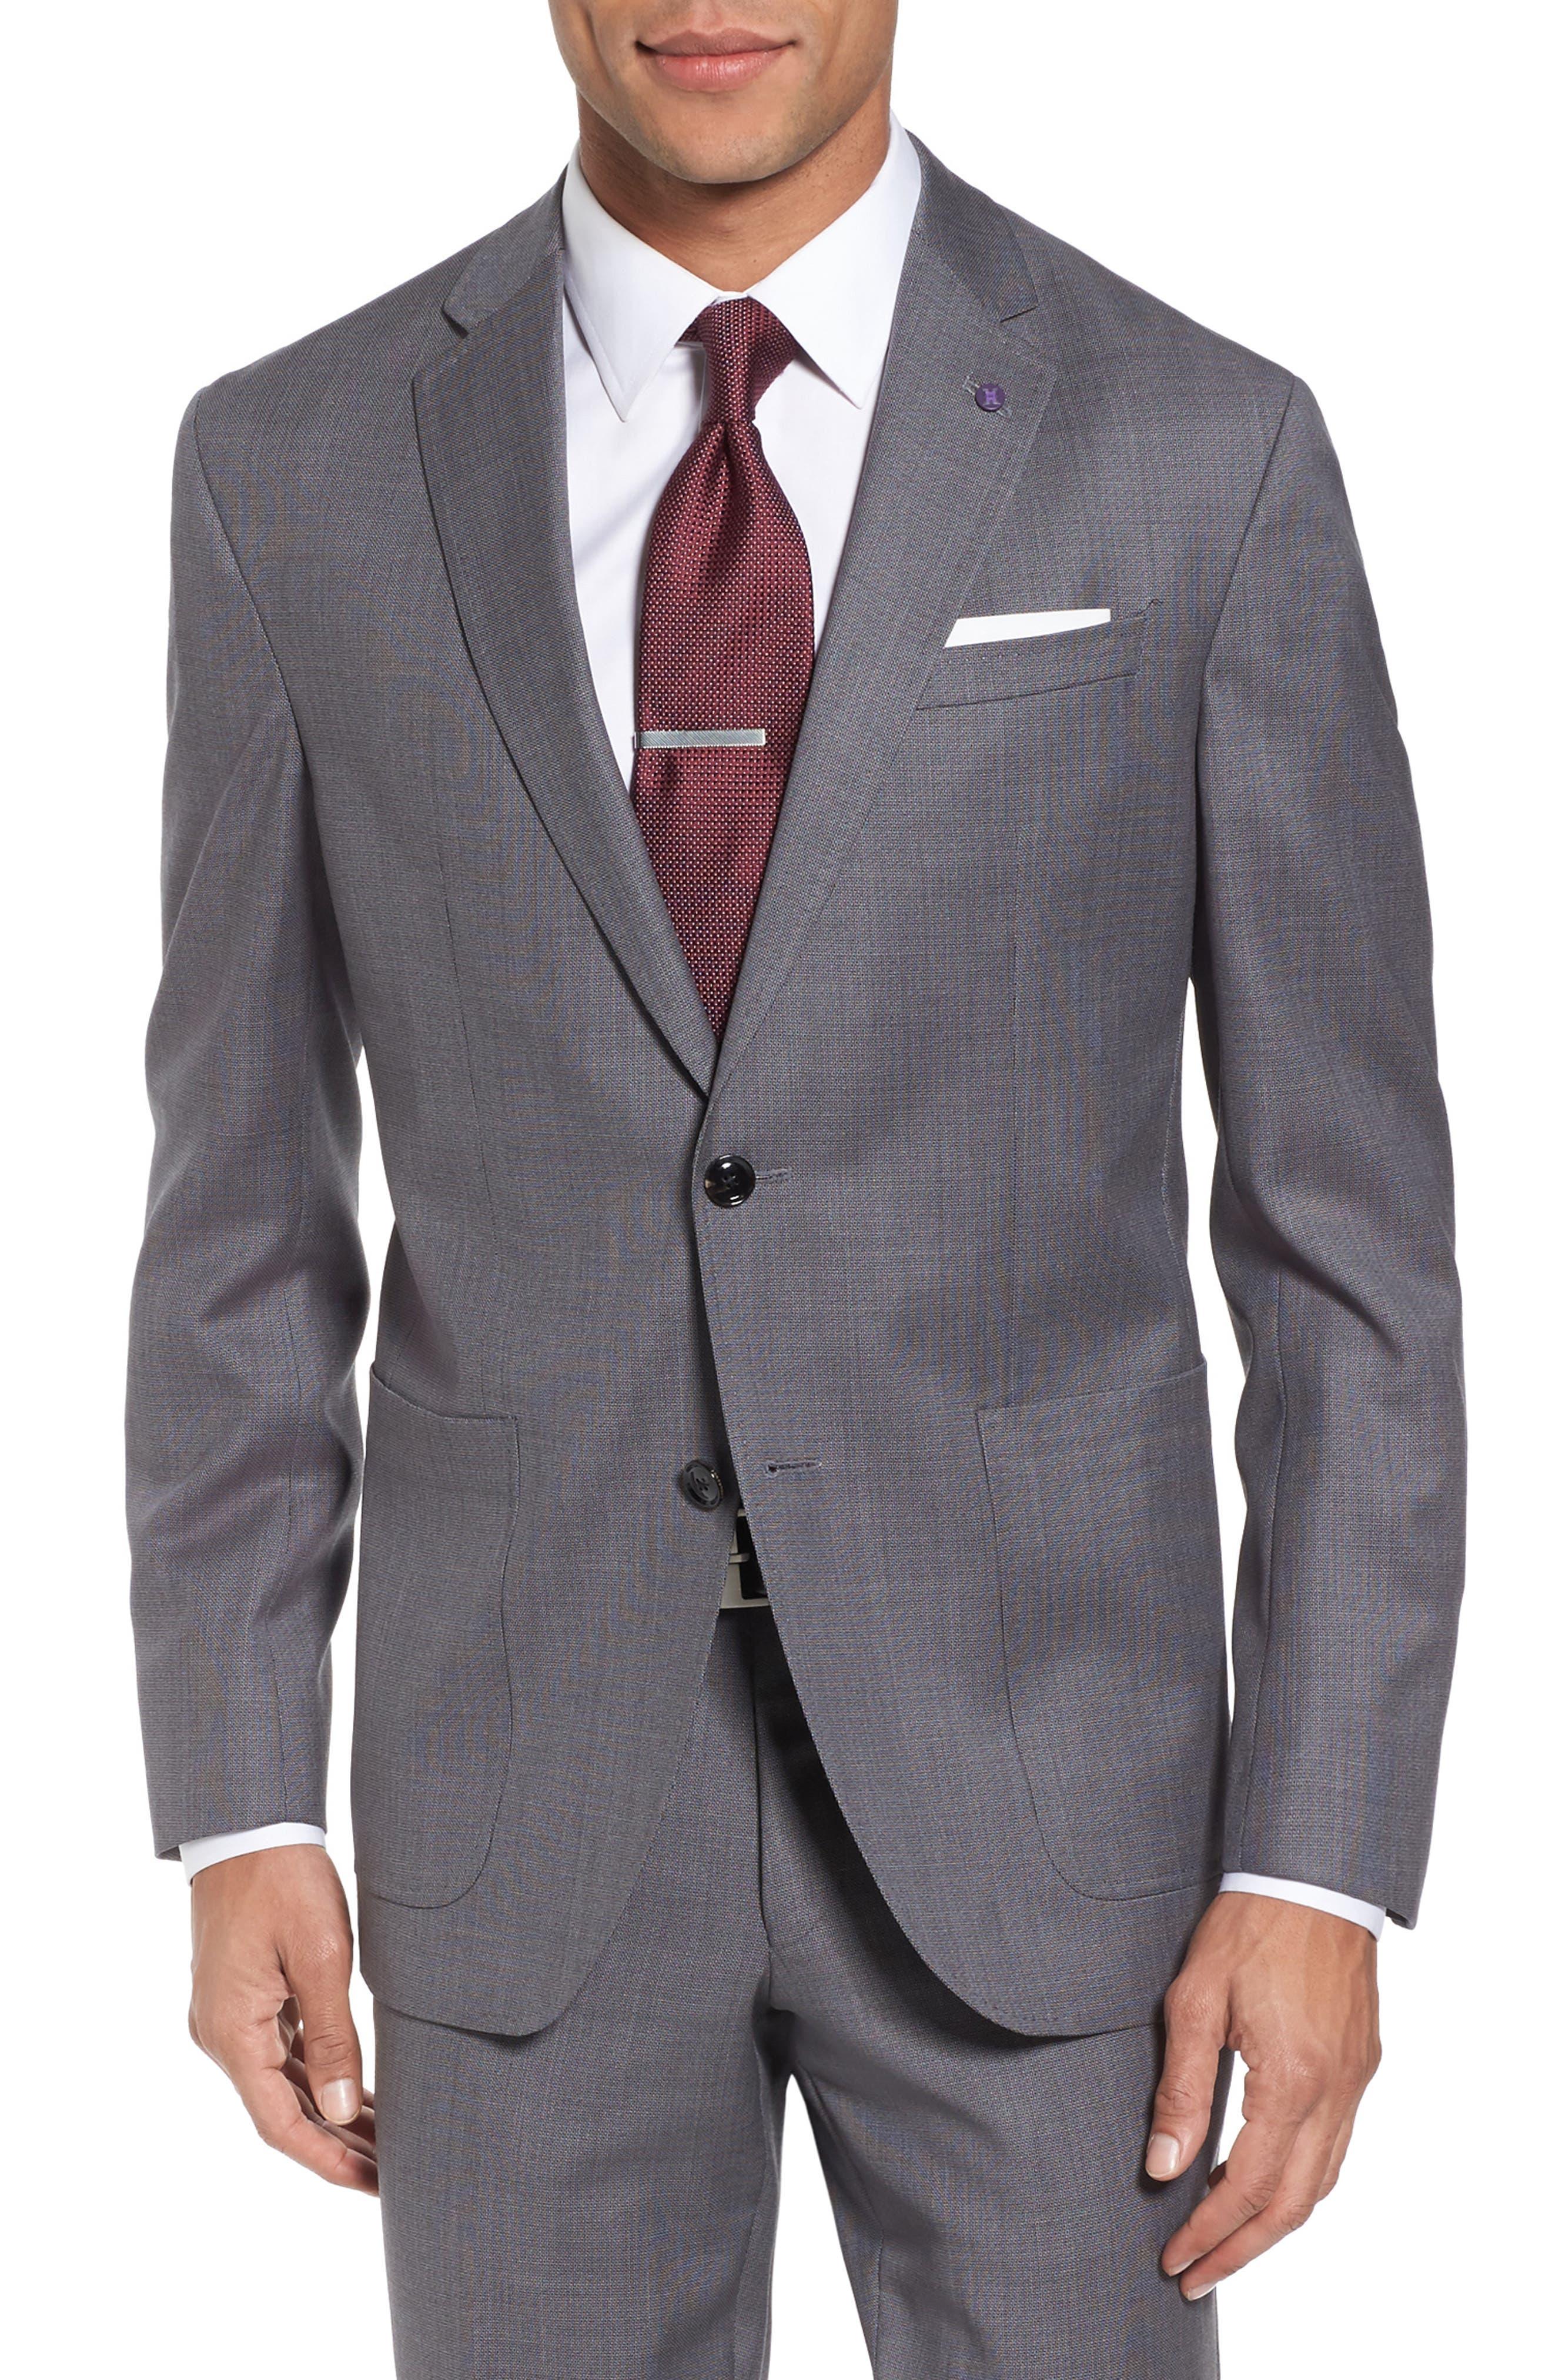 Kyle Trim Fit Solid Wool Suit,                             Alternate thumbnail 5, color,                             020